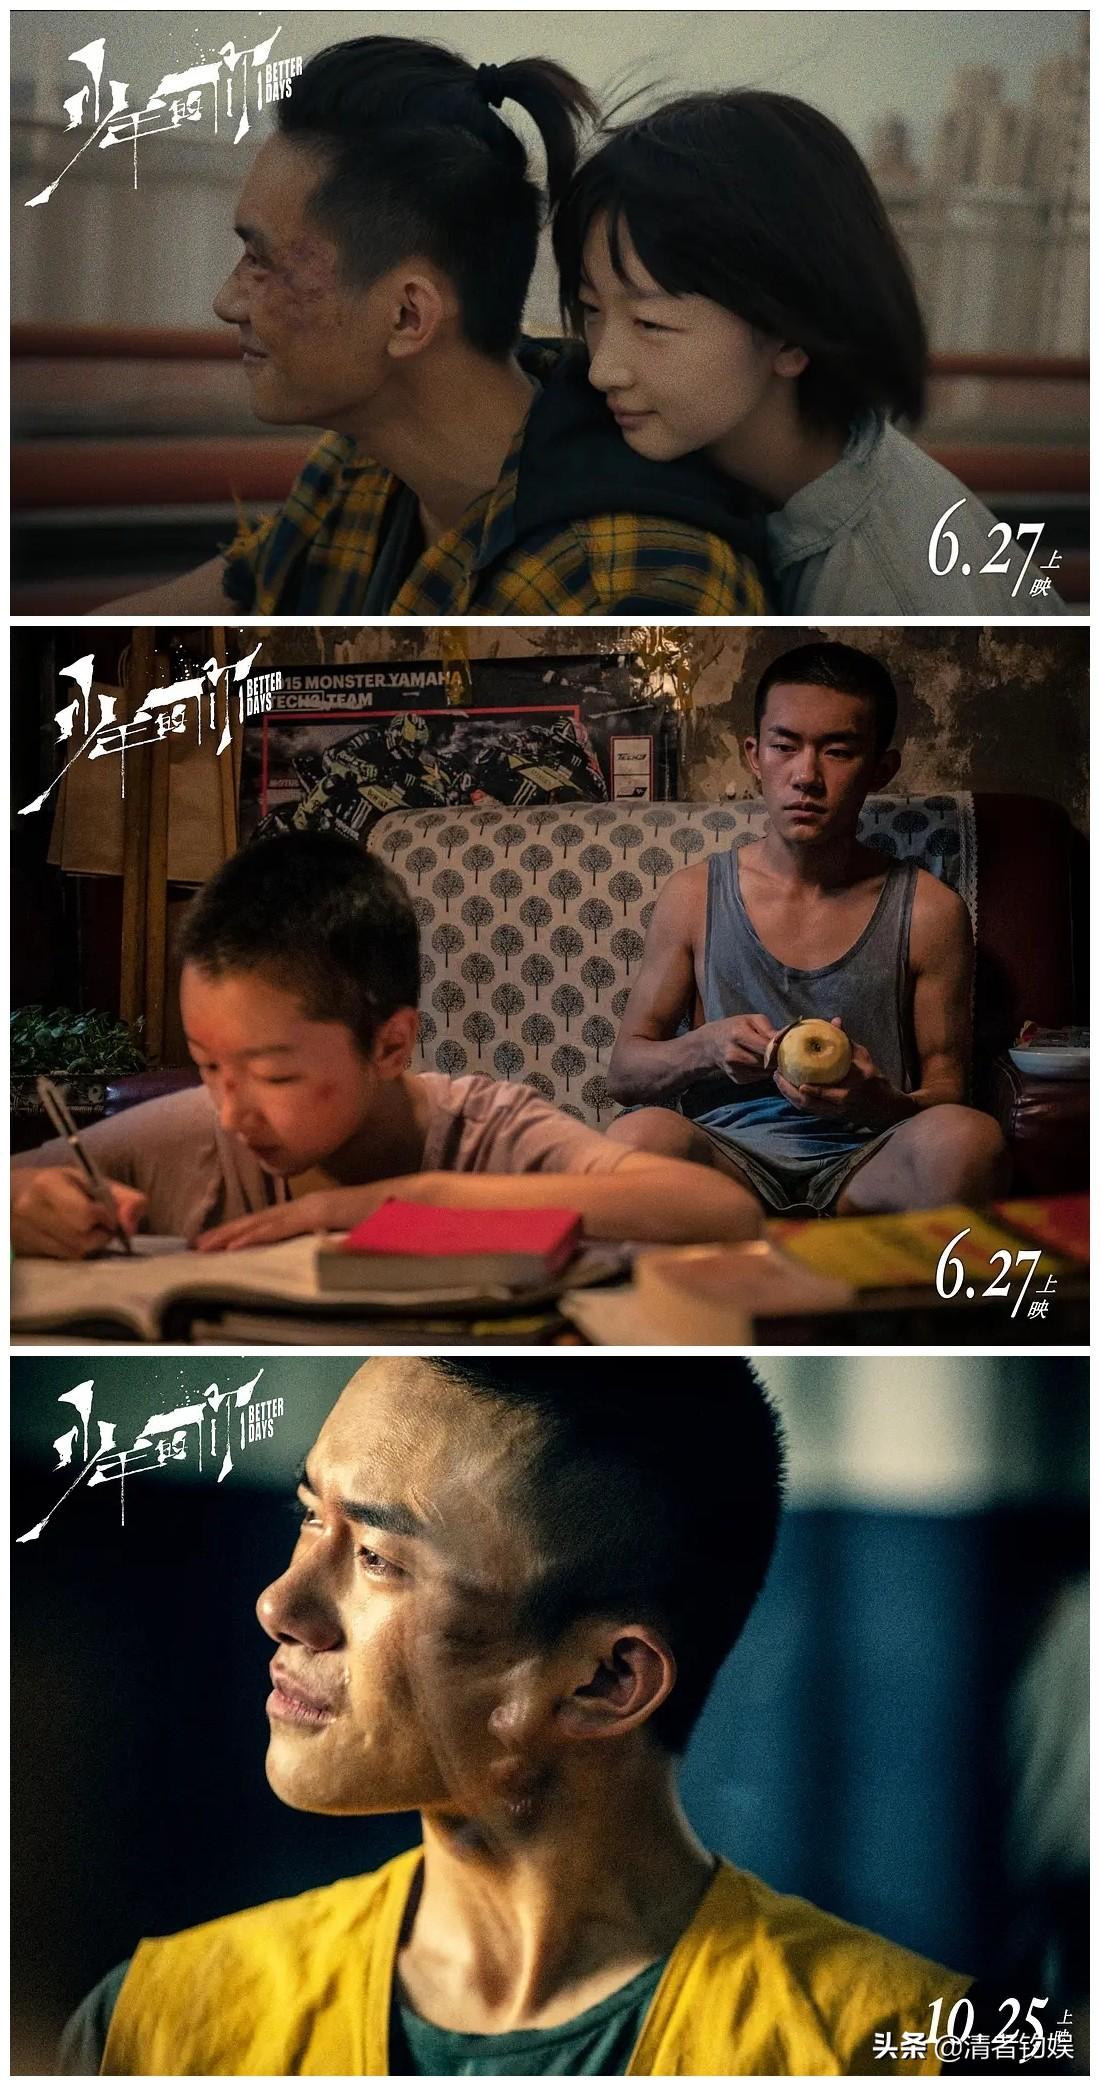 厉害了我的少年!《少年的你》韩国重映,新海报清新文艺引怀念